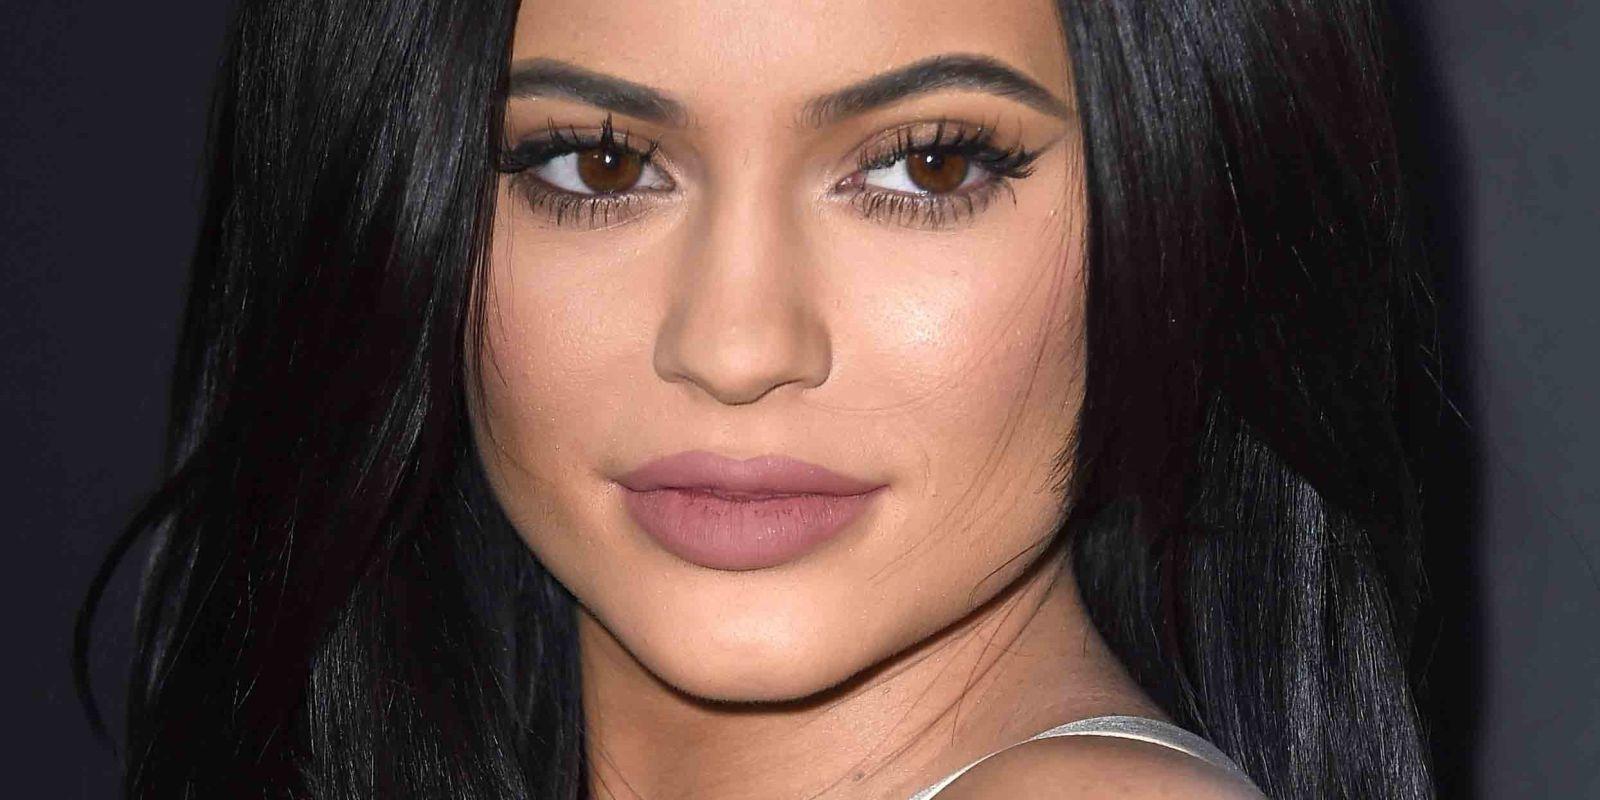 El cambio de look de Kylie Jenner